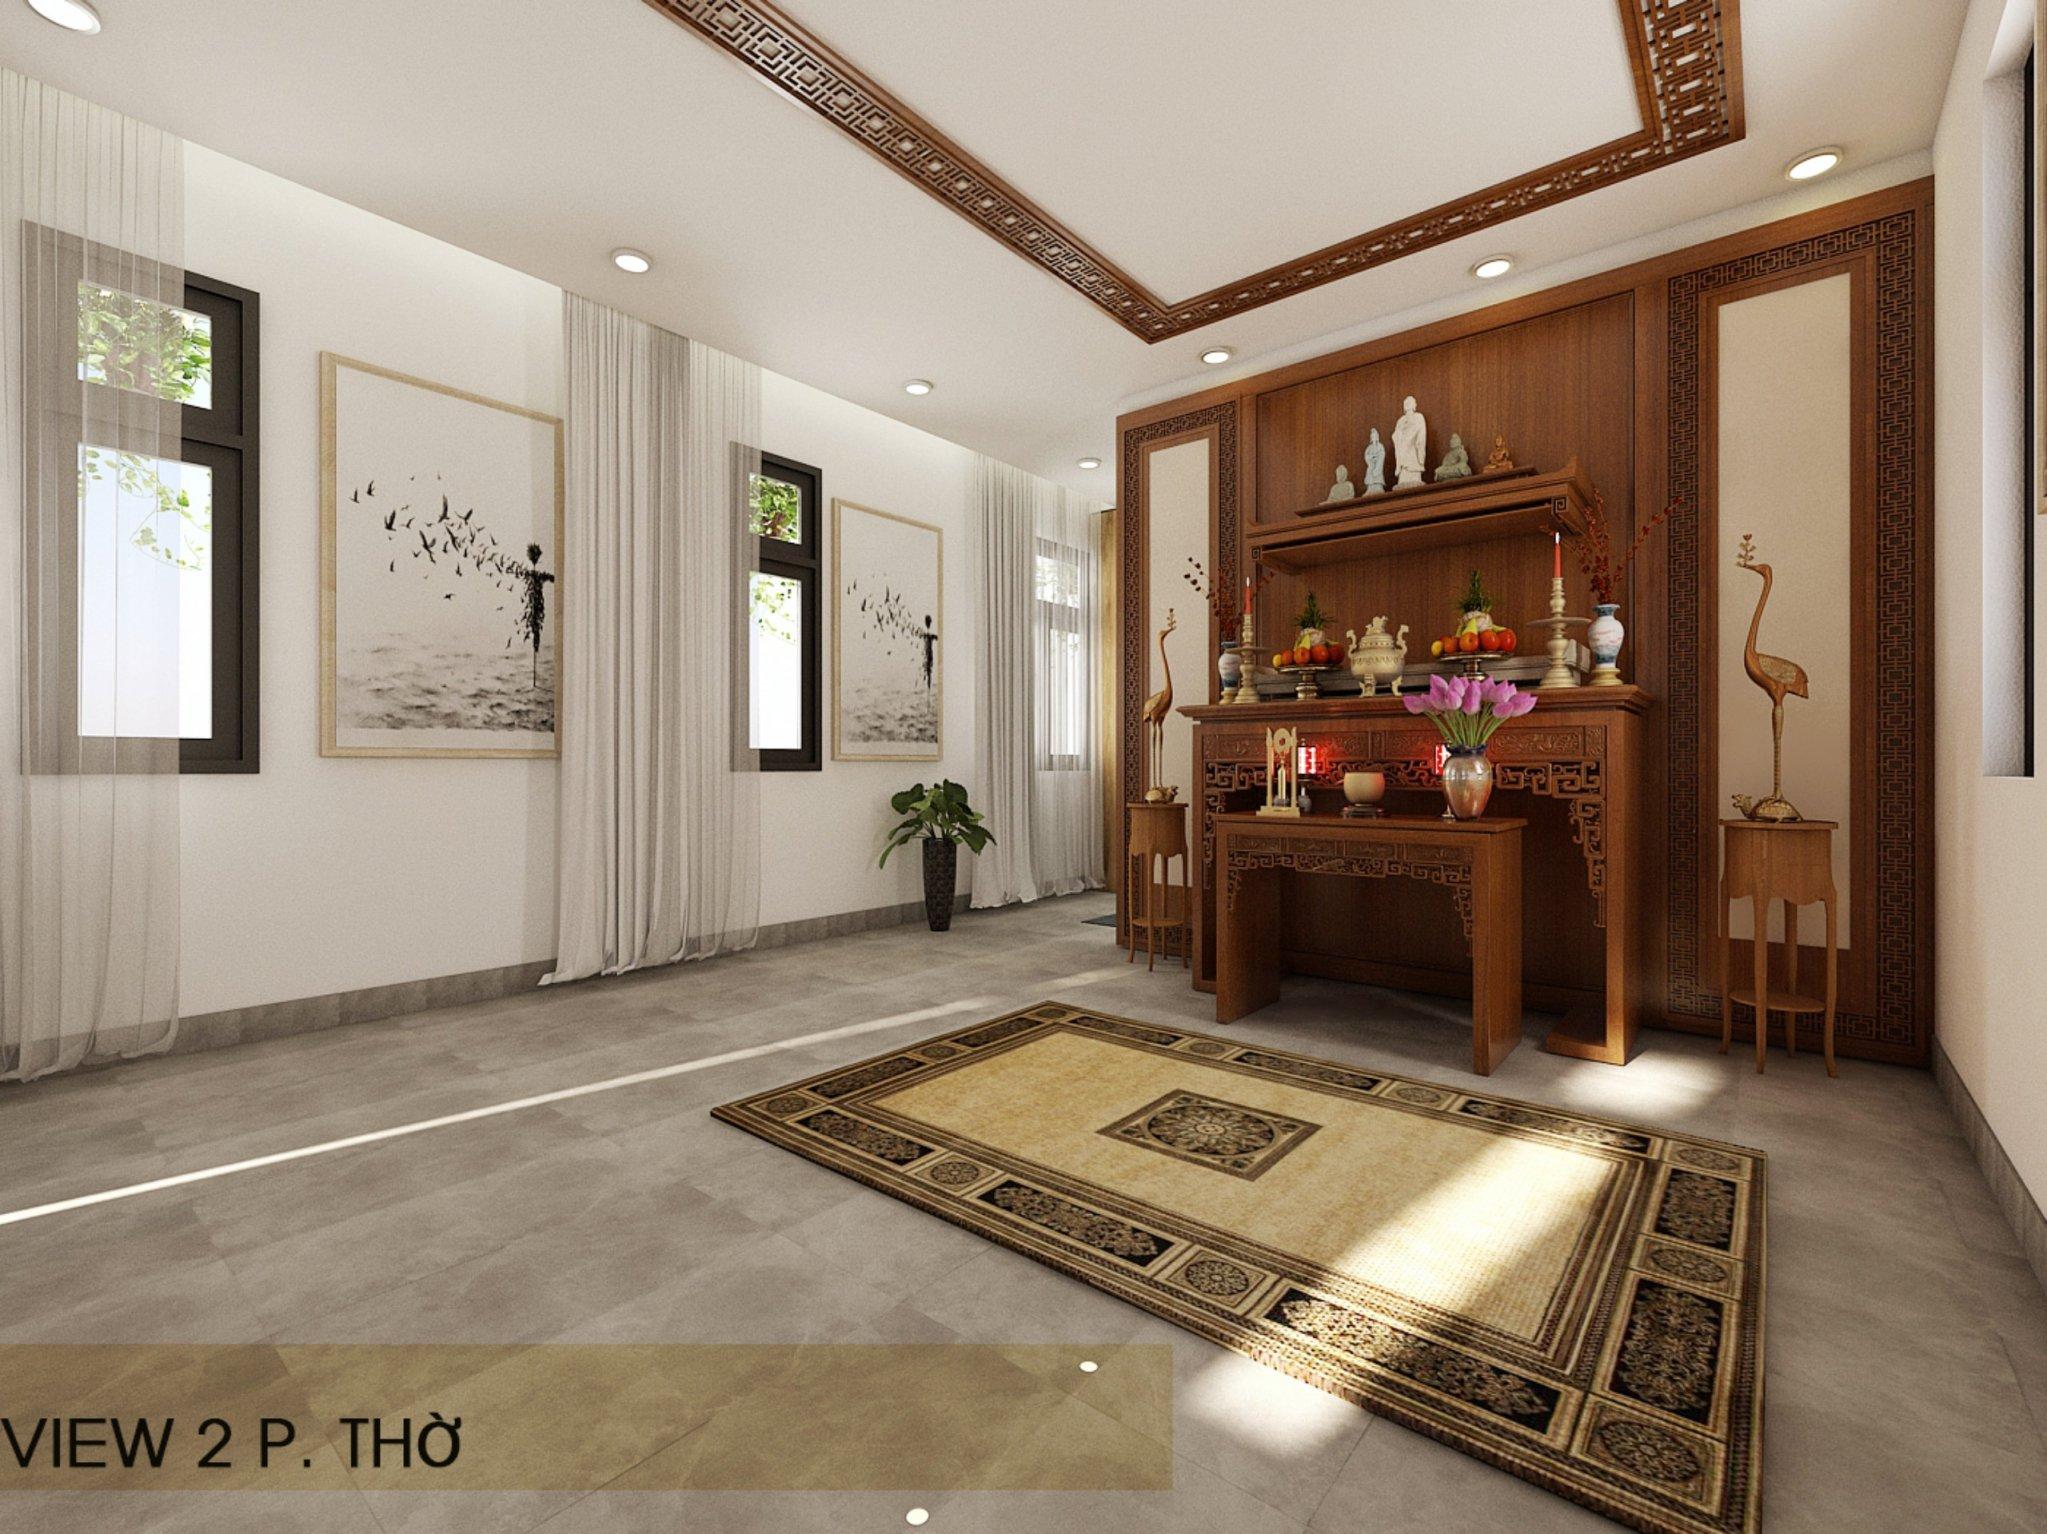 noi that hien dai biet thu 2 tang mini 14 1 [KHÔNG PHÁT SINH] xây nhà biệt thự 2 tầng ở Đồng Nai từ thiết kế đến hoàn công